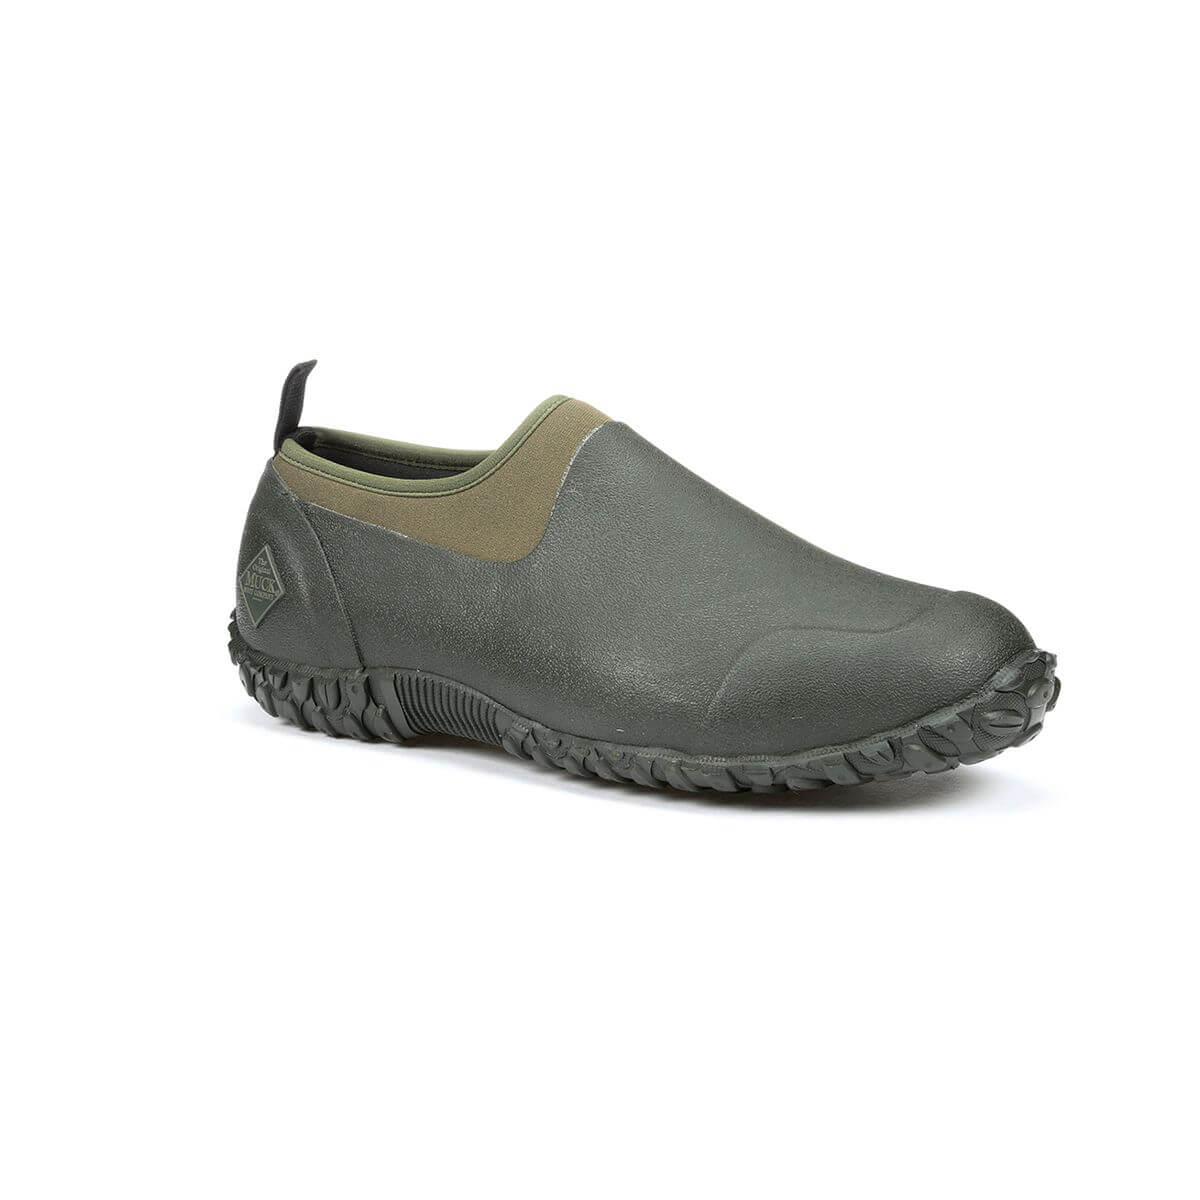 89ade0d2566 Muck Boot - Men's Muckster II RHS Low Shoe - Moss / Green